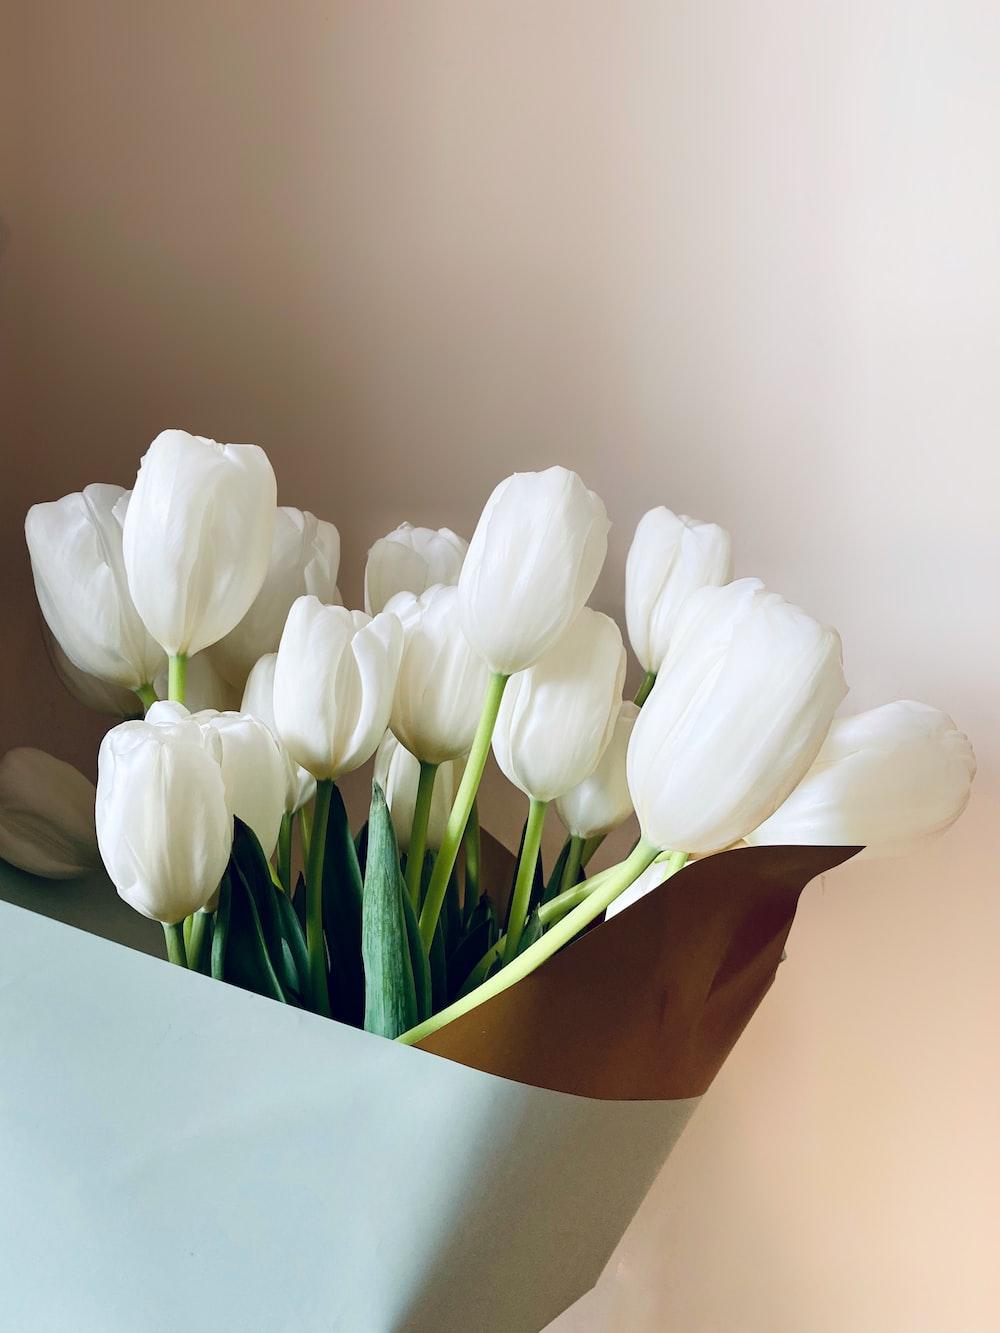 white tulips in brown vase